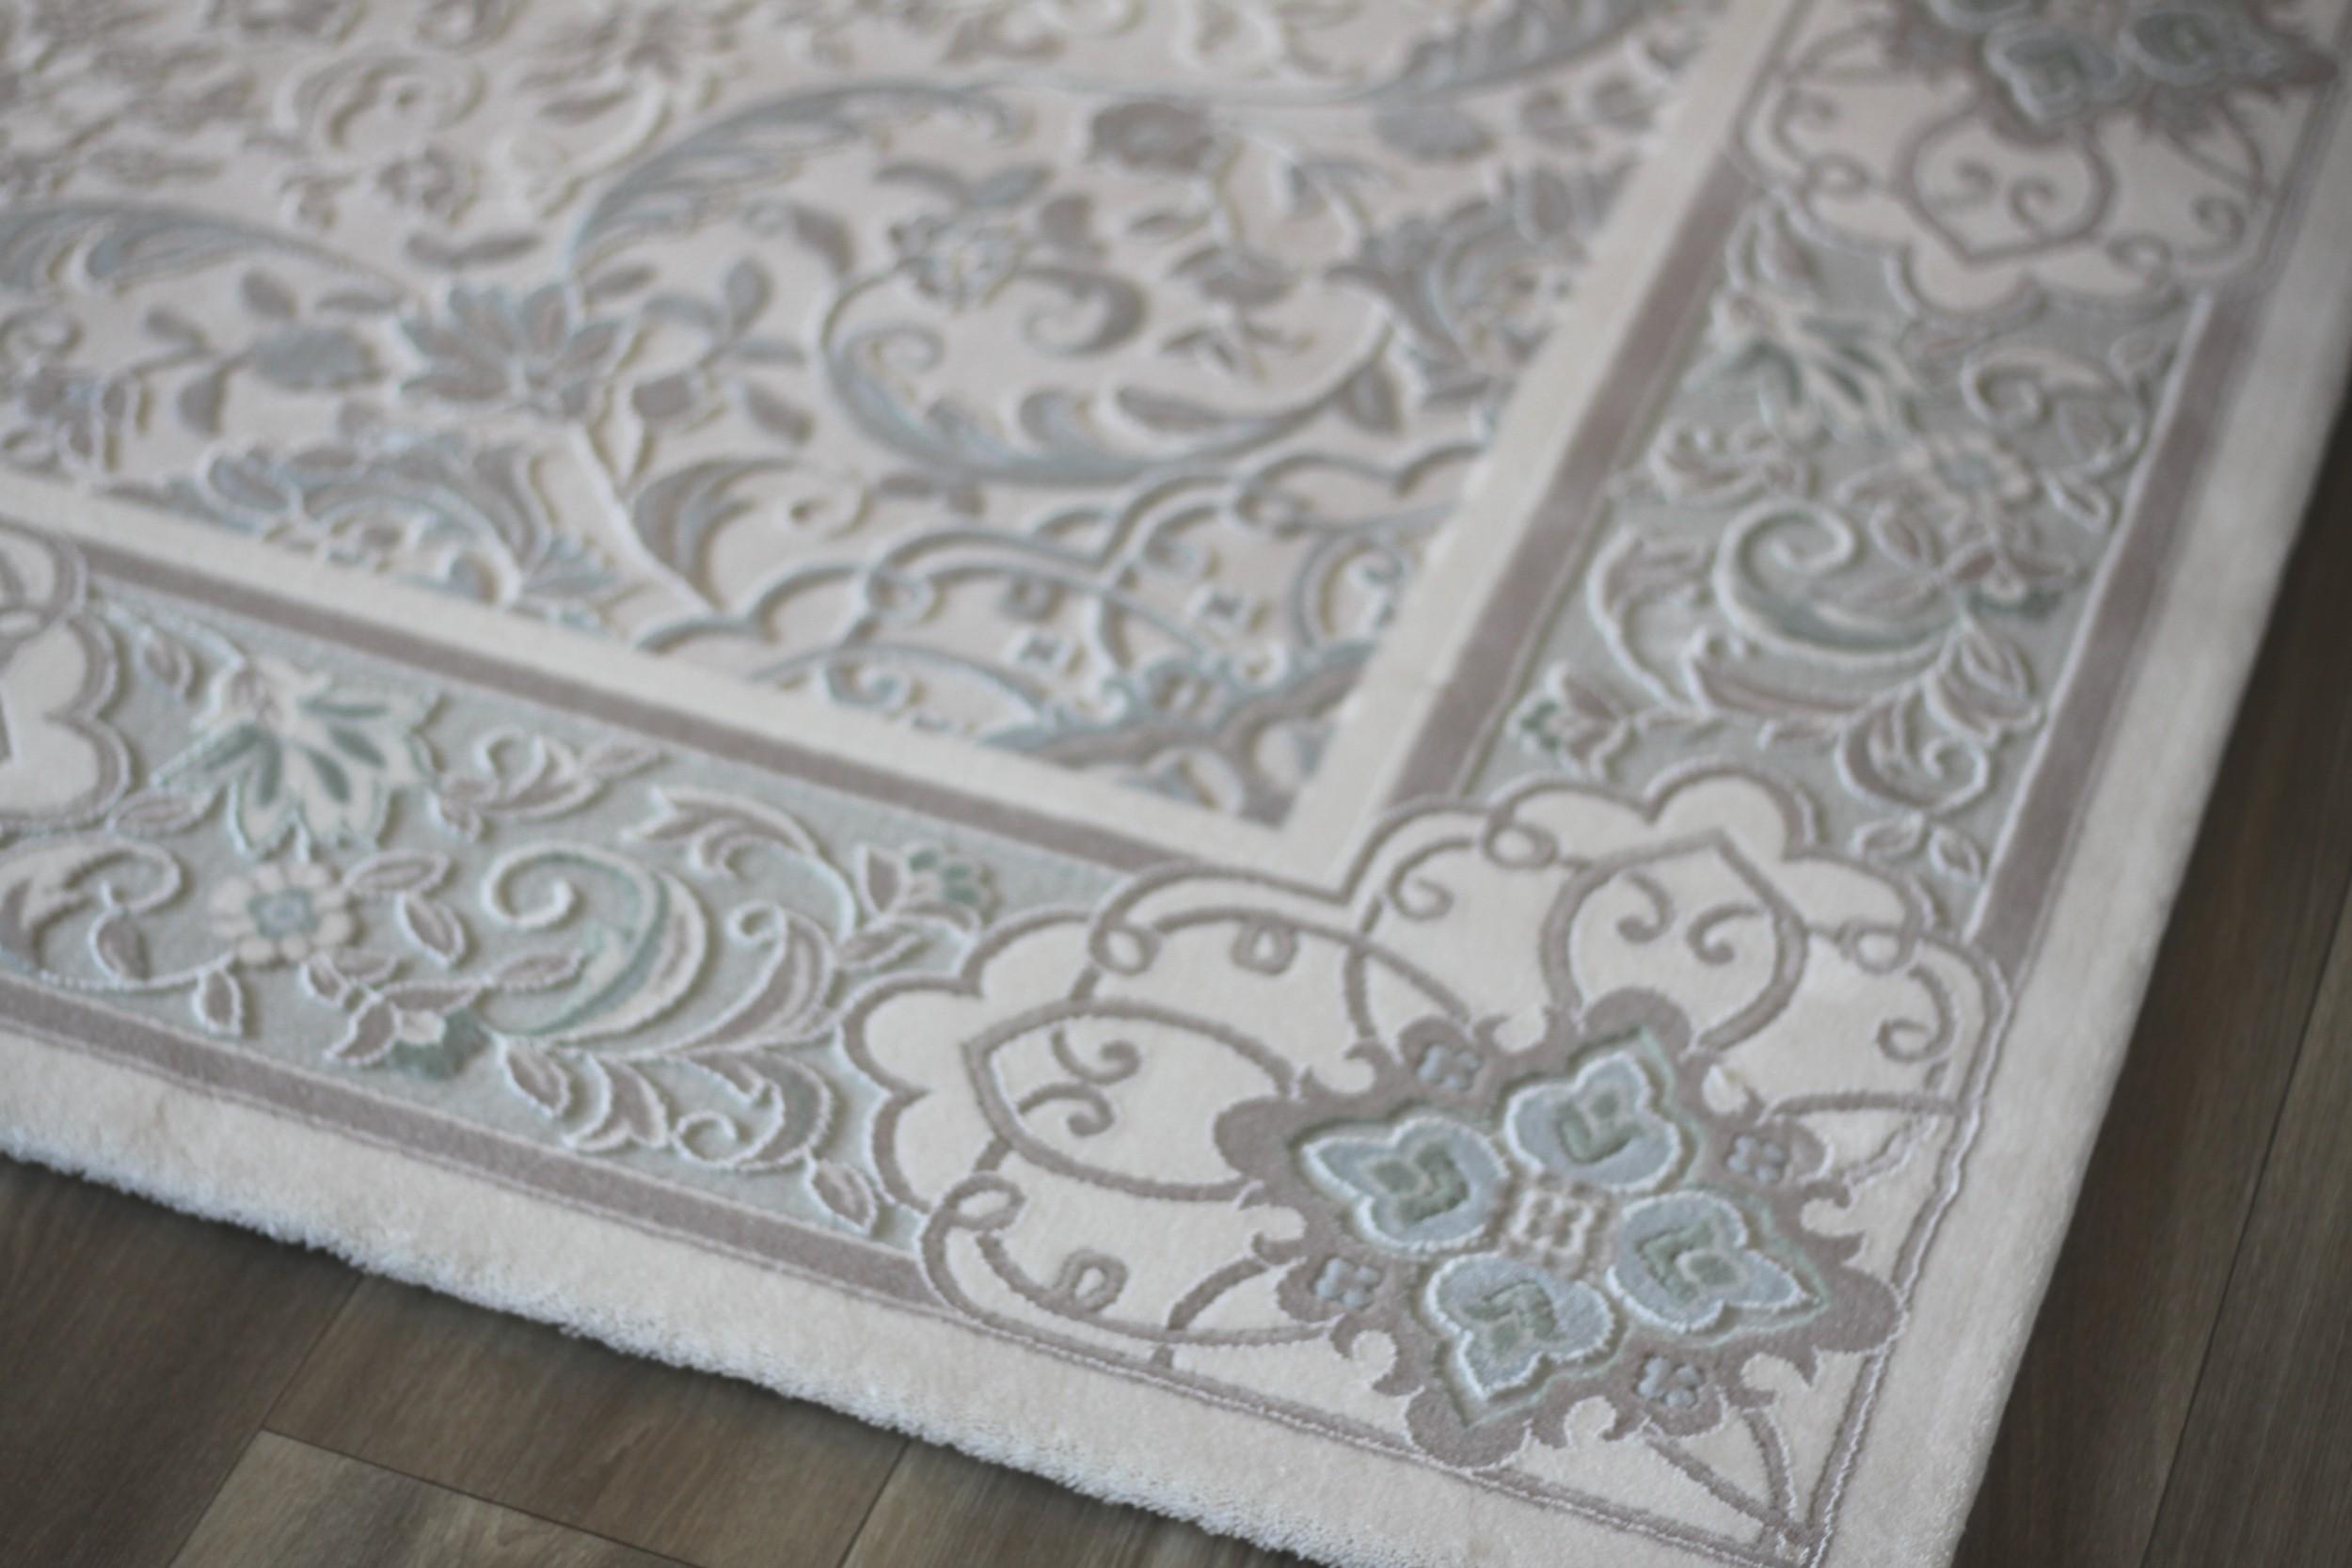 Tapis par ambiance u0026gt; Tapis baroque u0026gt; Tapis en acrylique style baroque ...